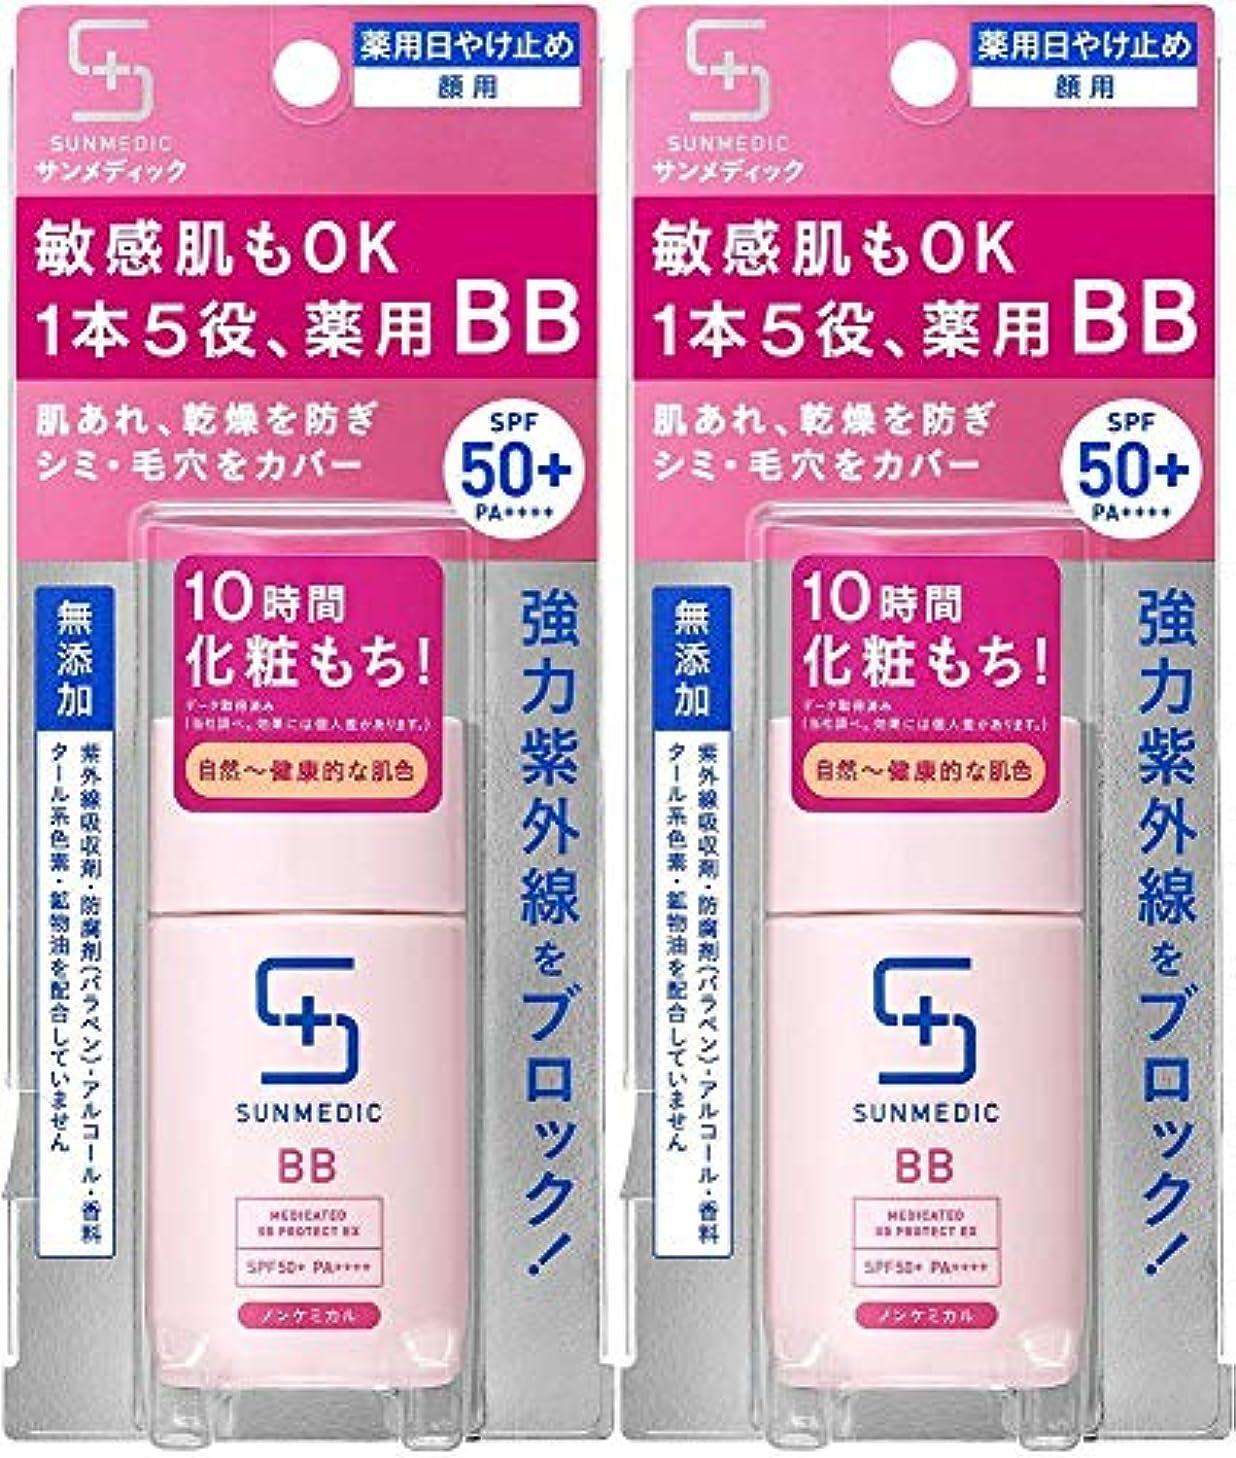 ショートカットマイルド医薬品【2個セット】サンメディックUV 薬用BBプロテクトEX ナチュラル 30ml (医薬部外品)